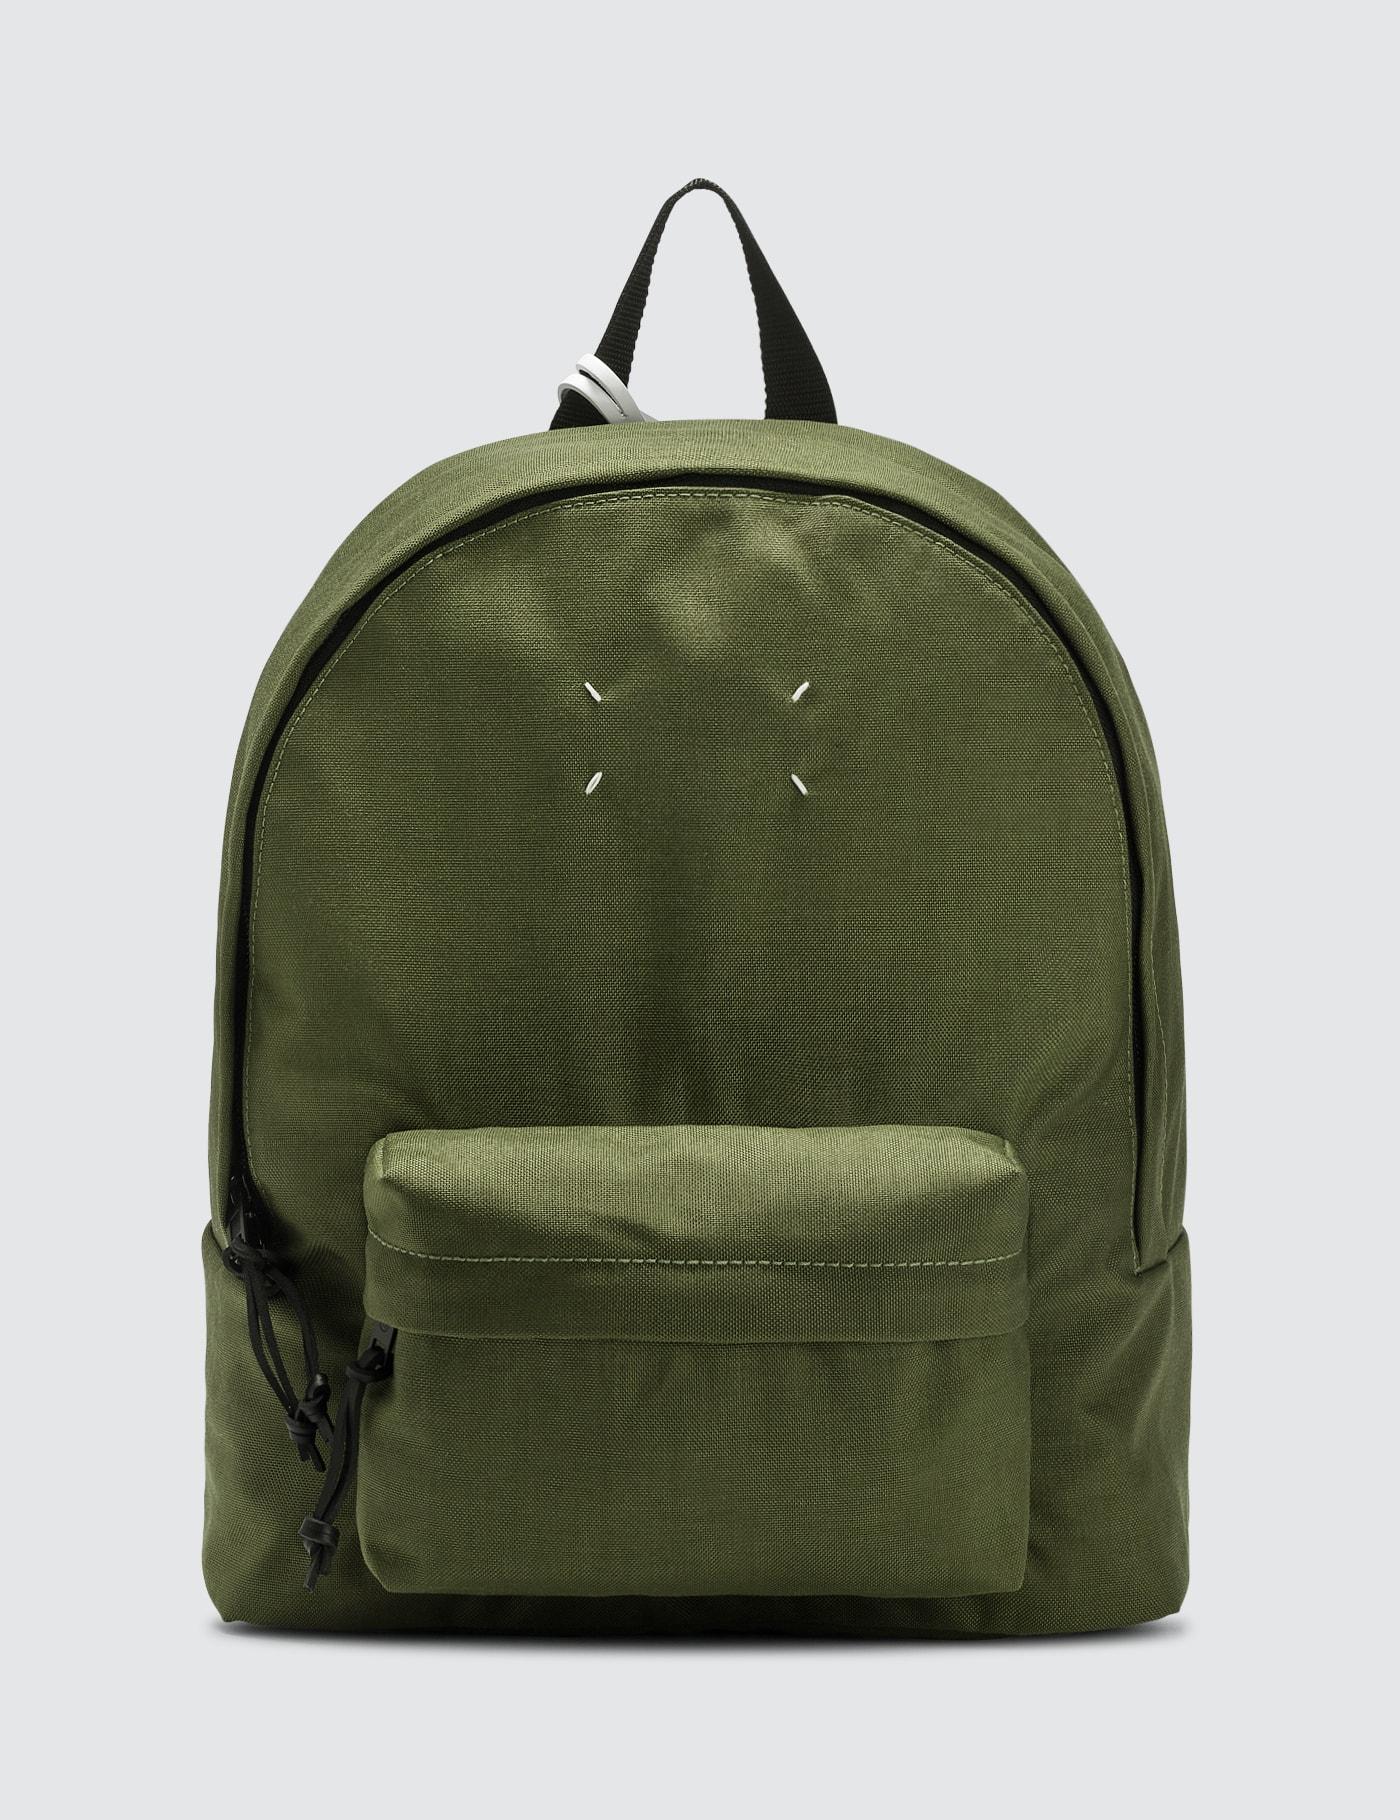 u2018Stereotypeu2019 Backpack